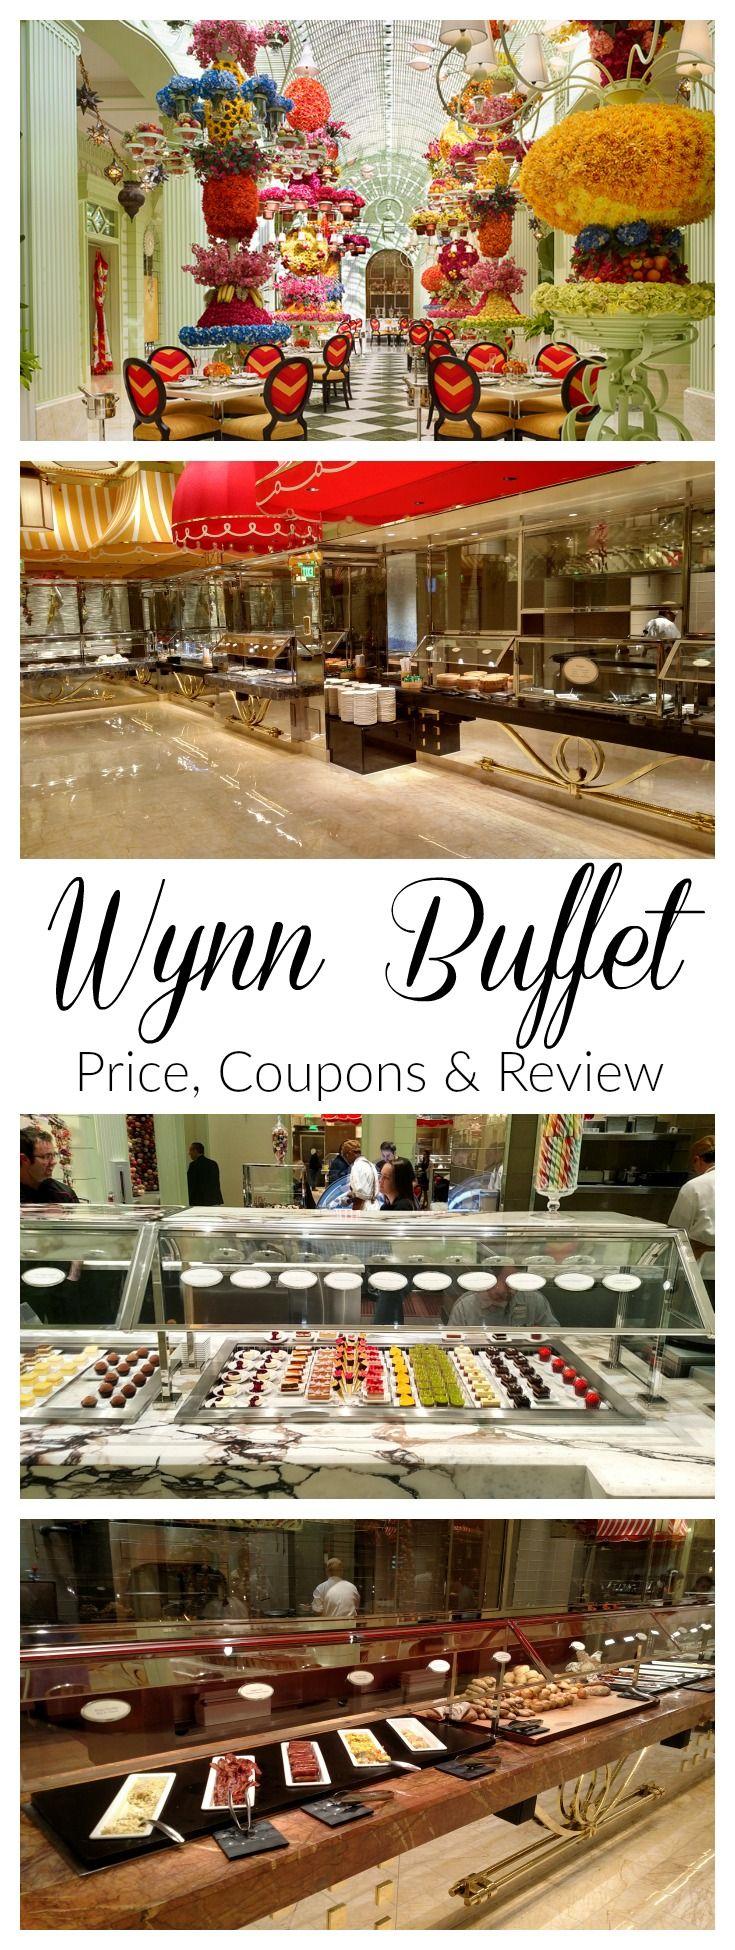 las vegas buffet reviews 2017